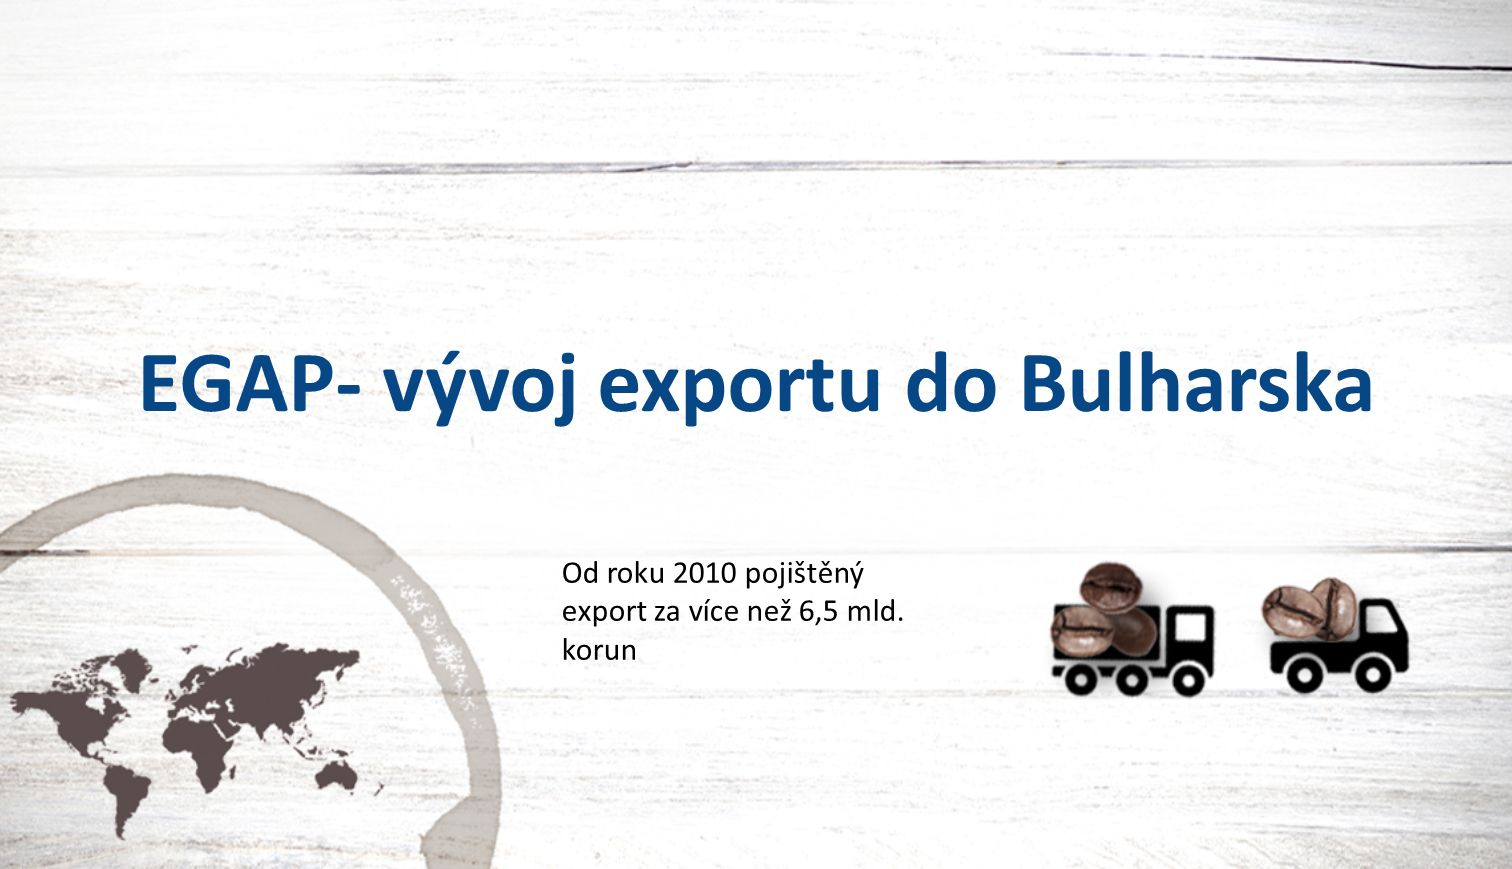 Podpora exportu do Bulharska/ Vývoj exportu